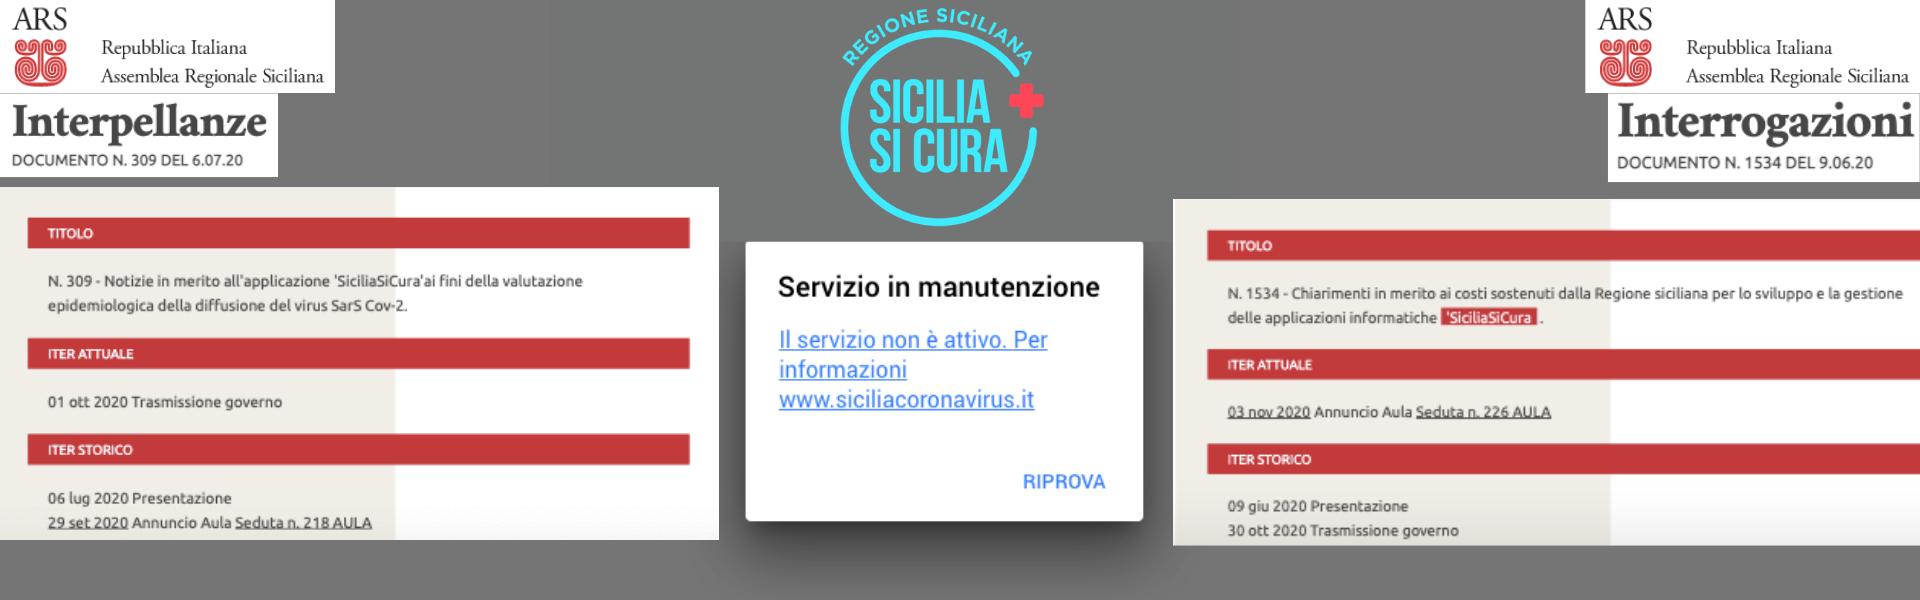 Regione Siciliana, l'app Siciliasicura scomparsa e le interrogazioni dimenticate